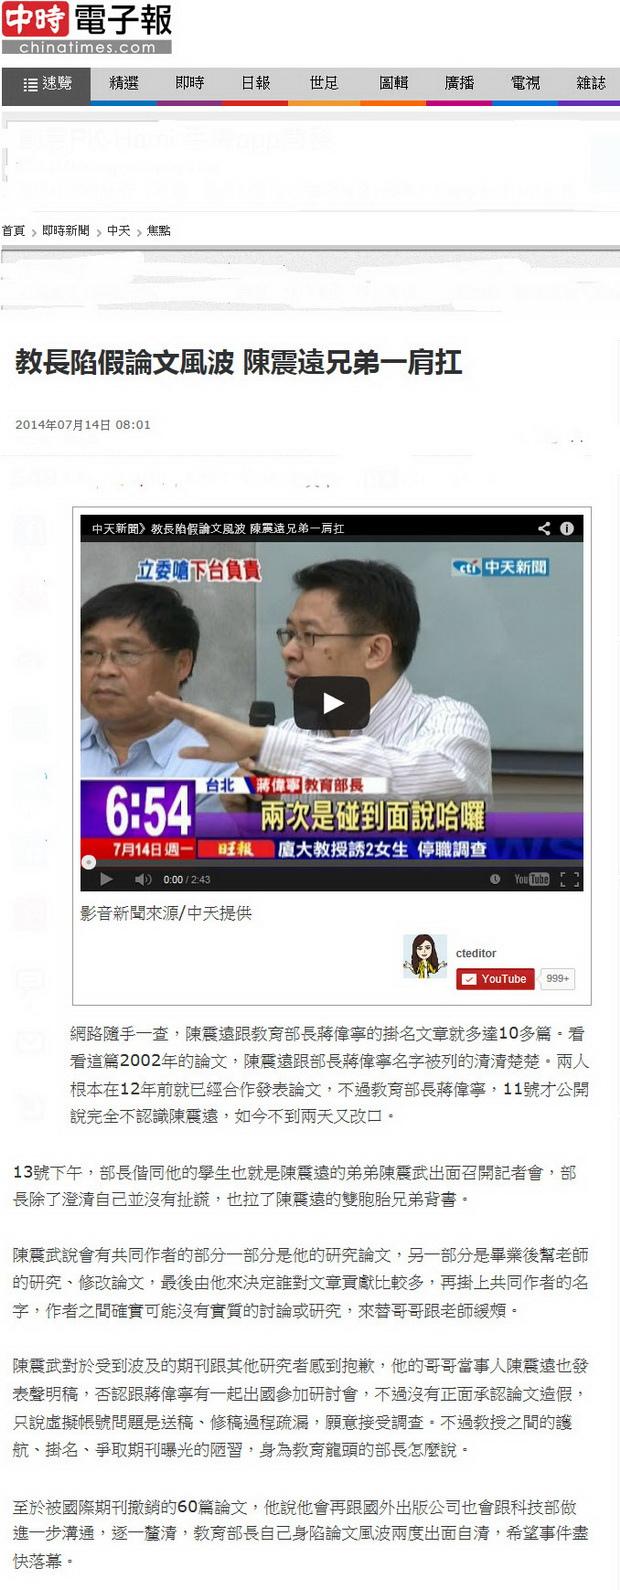 教長陷假論文風波 陳震遠兄弟一肩扛-2014.07.14.jpg